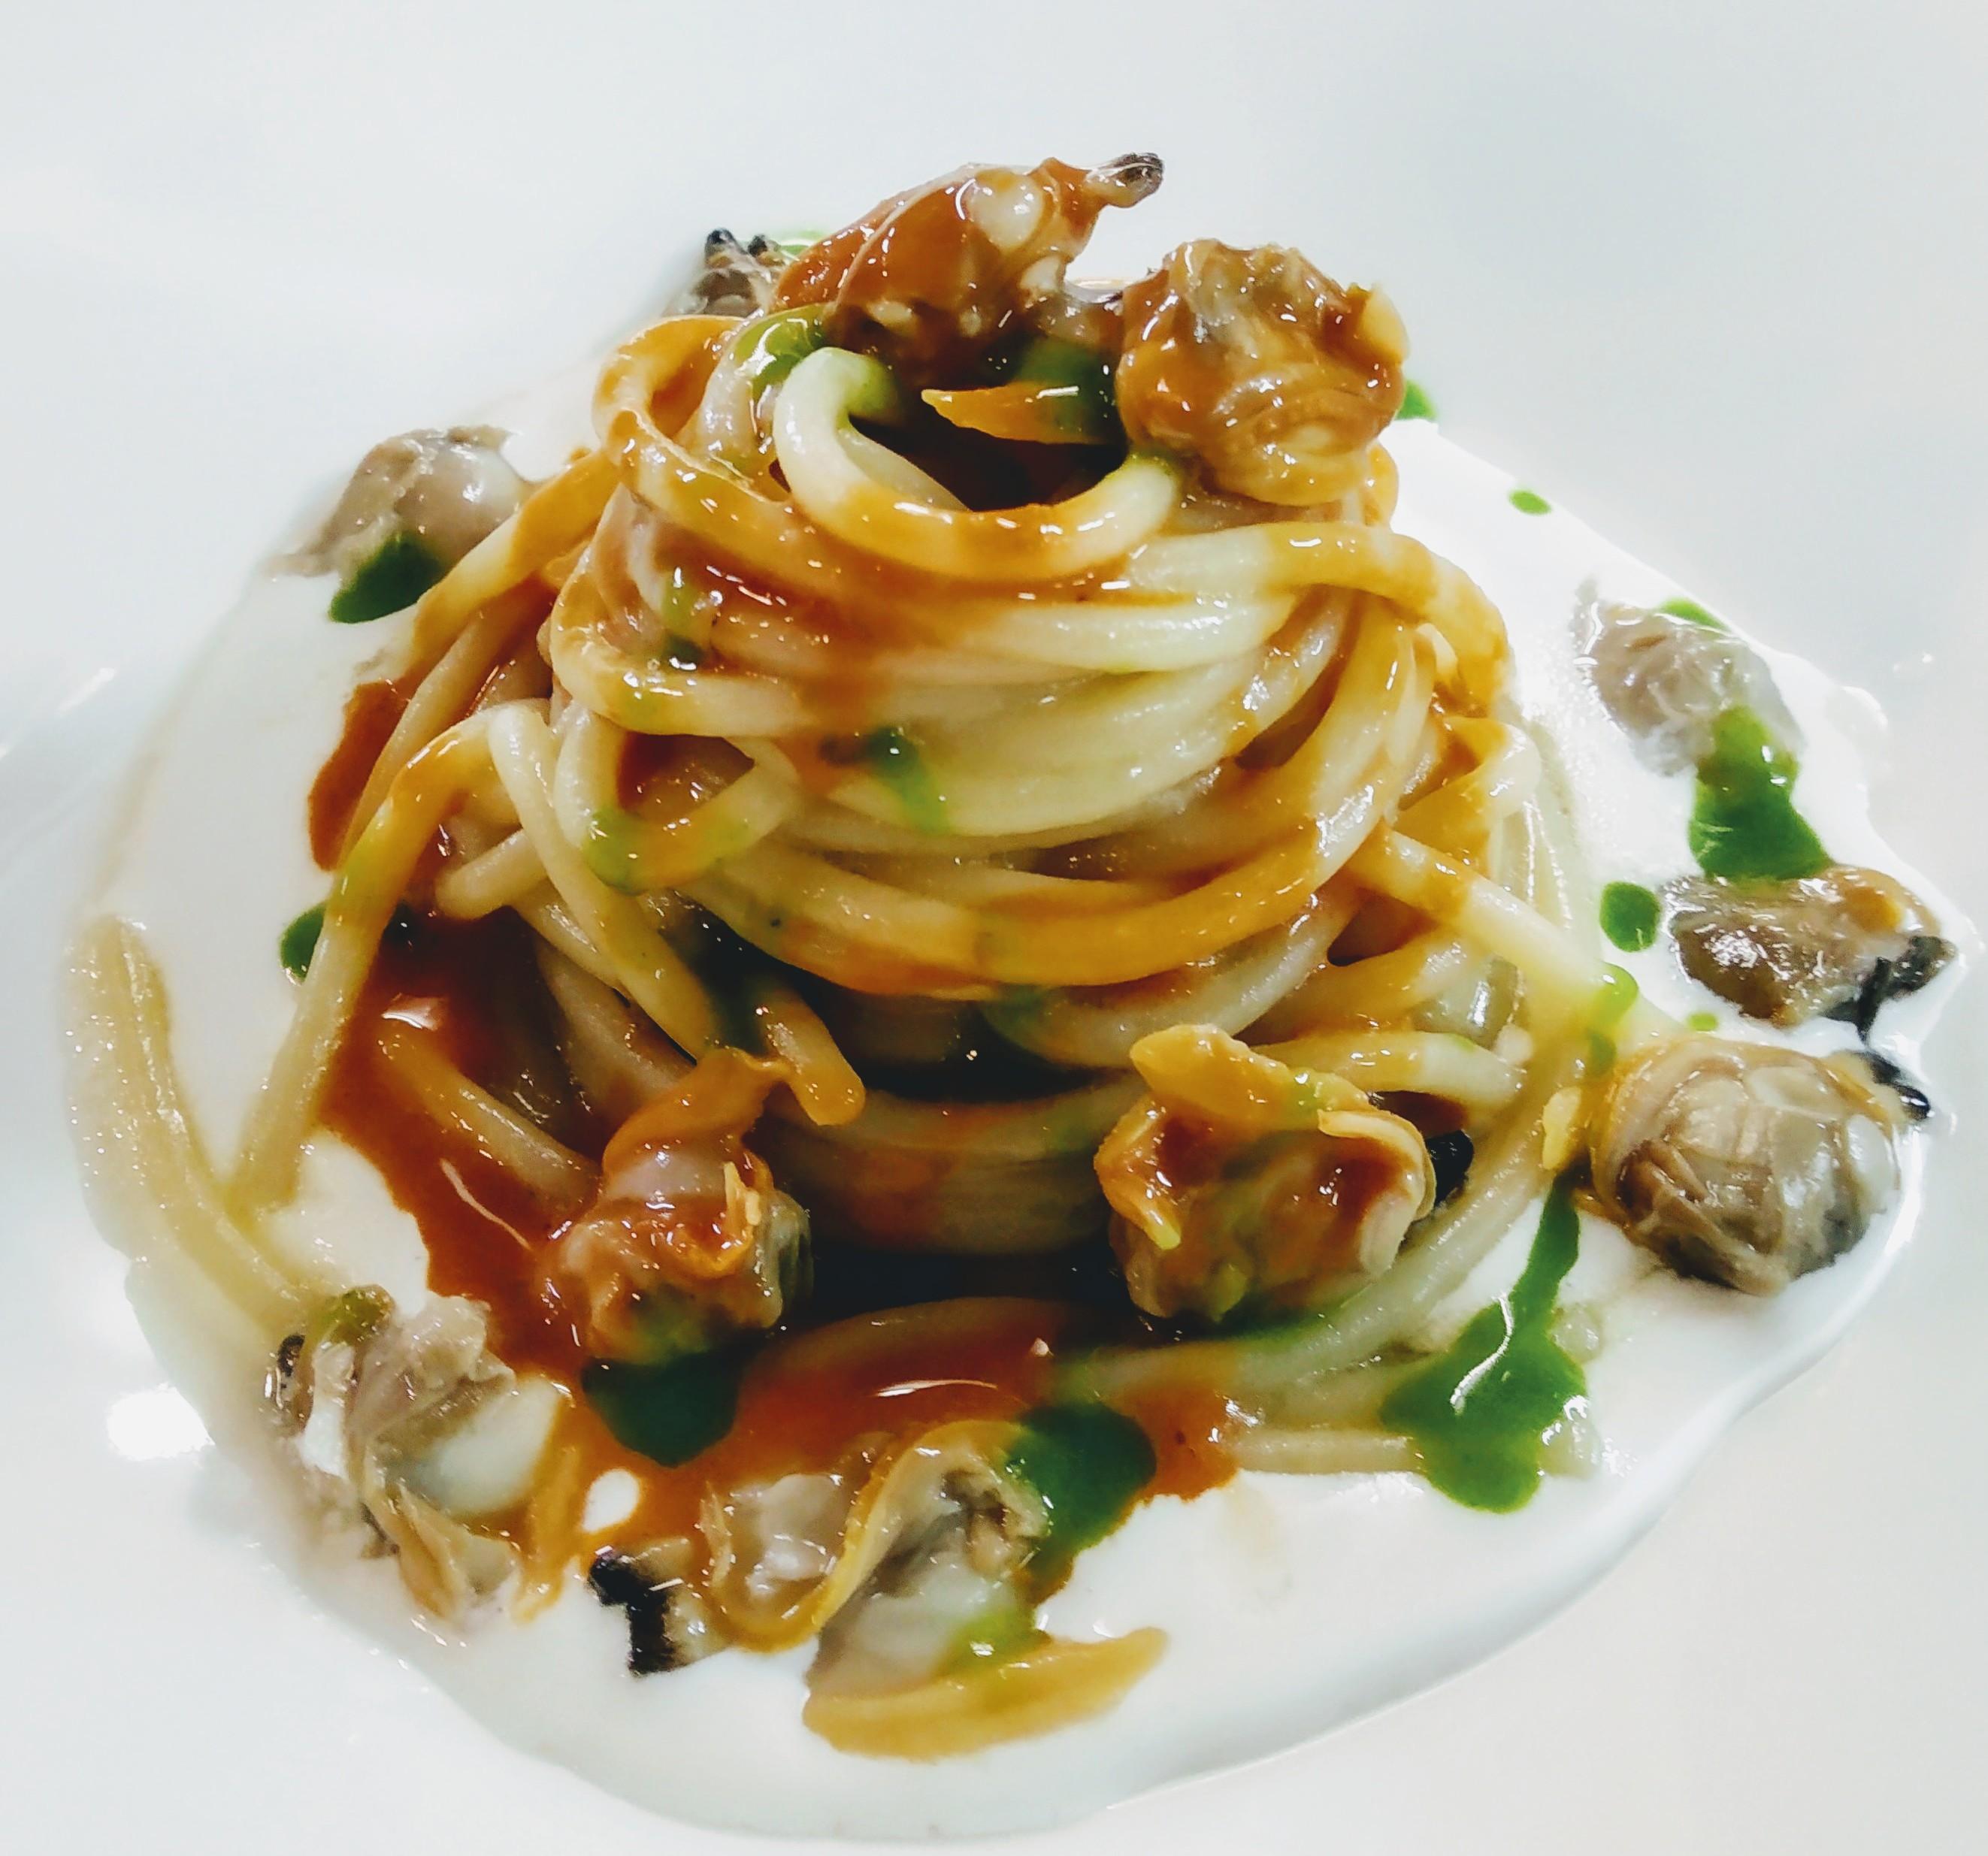 Spaghetti Gentile  su crema di mandorle allo zenzero,vongole nude e uova di ricci di mare al limone